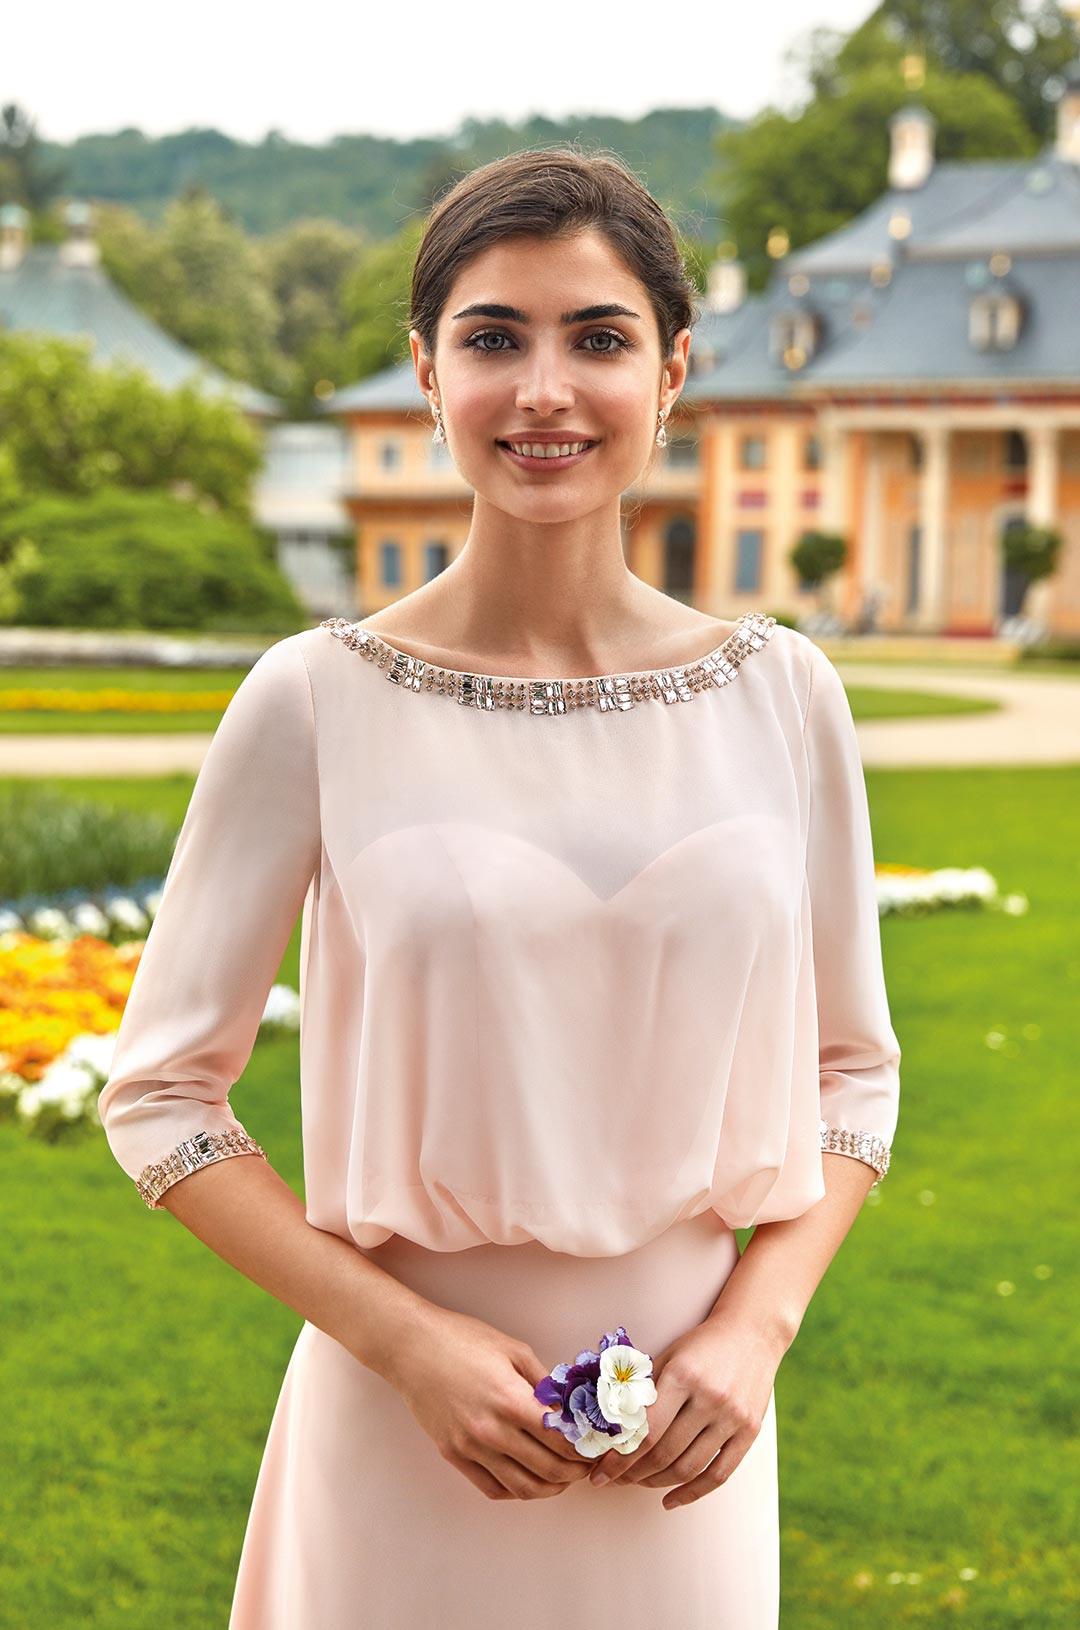 Hochzeitskleidung Frau - Abendkleid